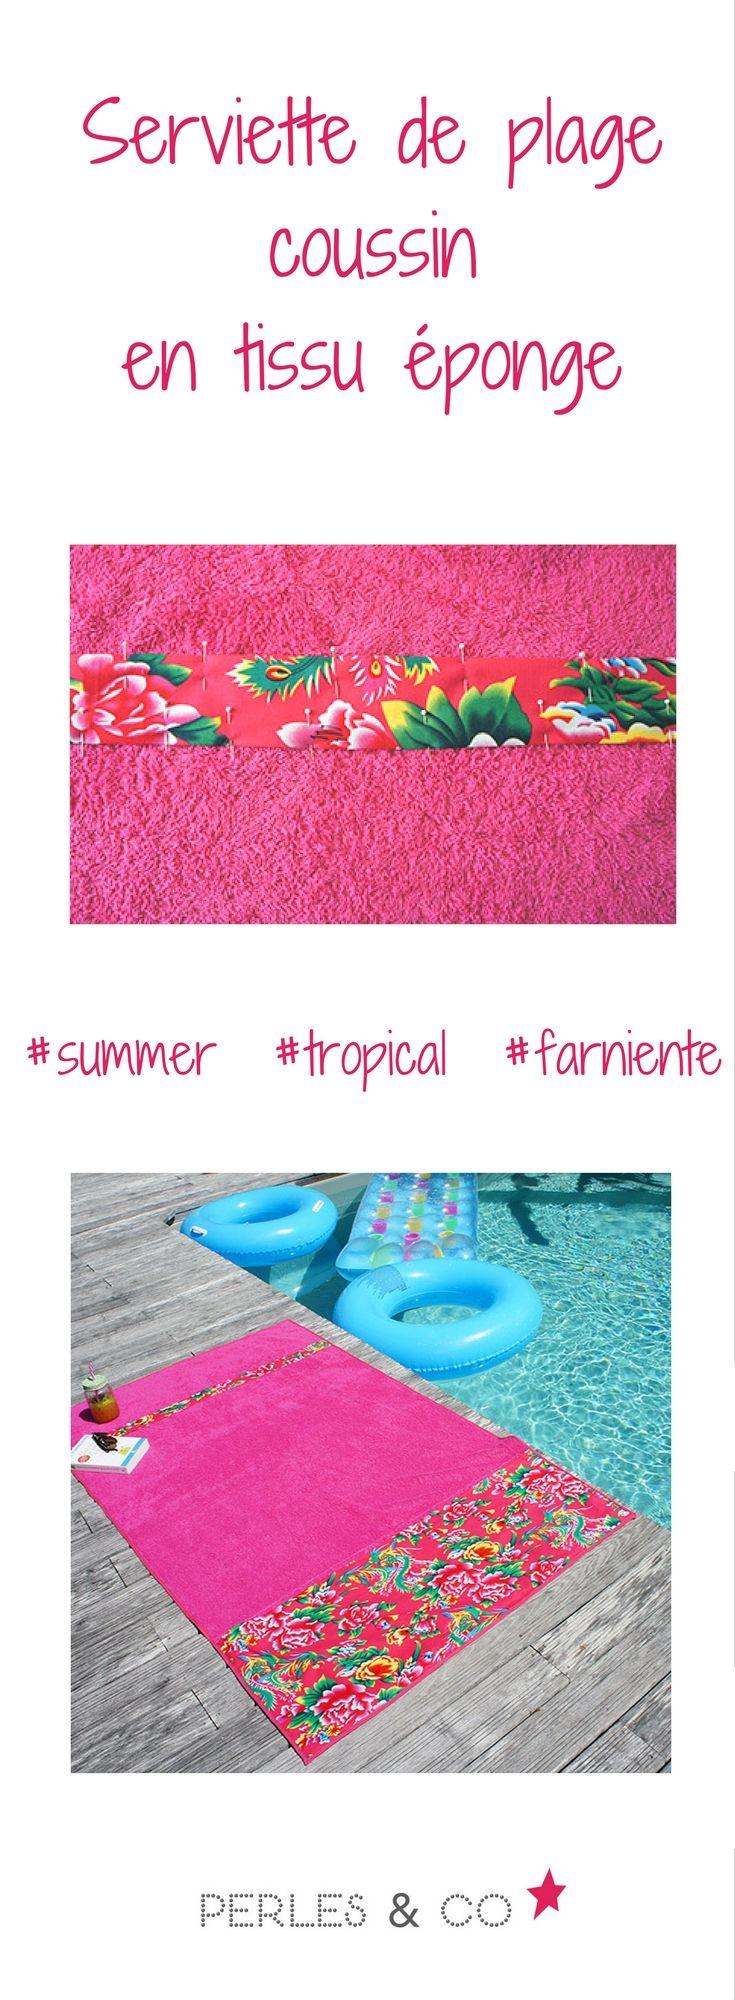 Retrouvez le tutoriel pour réaliser cette serviette de plage en tissu éponge qui se transforme en coussin une fois pliée. avec les bandes de tissu au motif tropical, vous serez pile dans la tendance sur la plage ou au bord de la piscine. Suivre le tutoriel pas à pas en cliquant sur le lien https://www.perlesandco.com/Serviette_de_Plage_Coussin_en_Tissu_eponge-s-2699-40.html